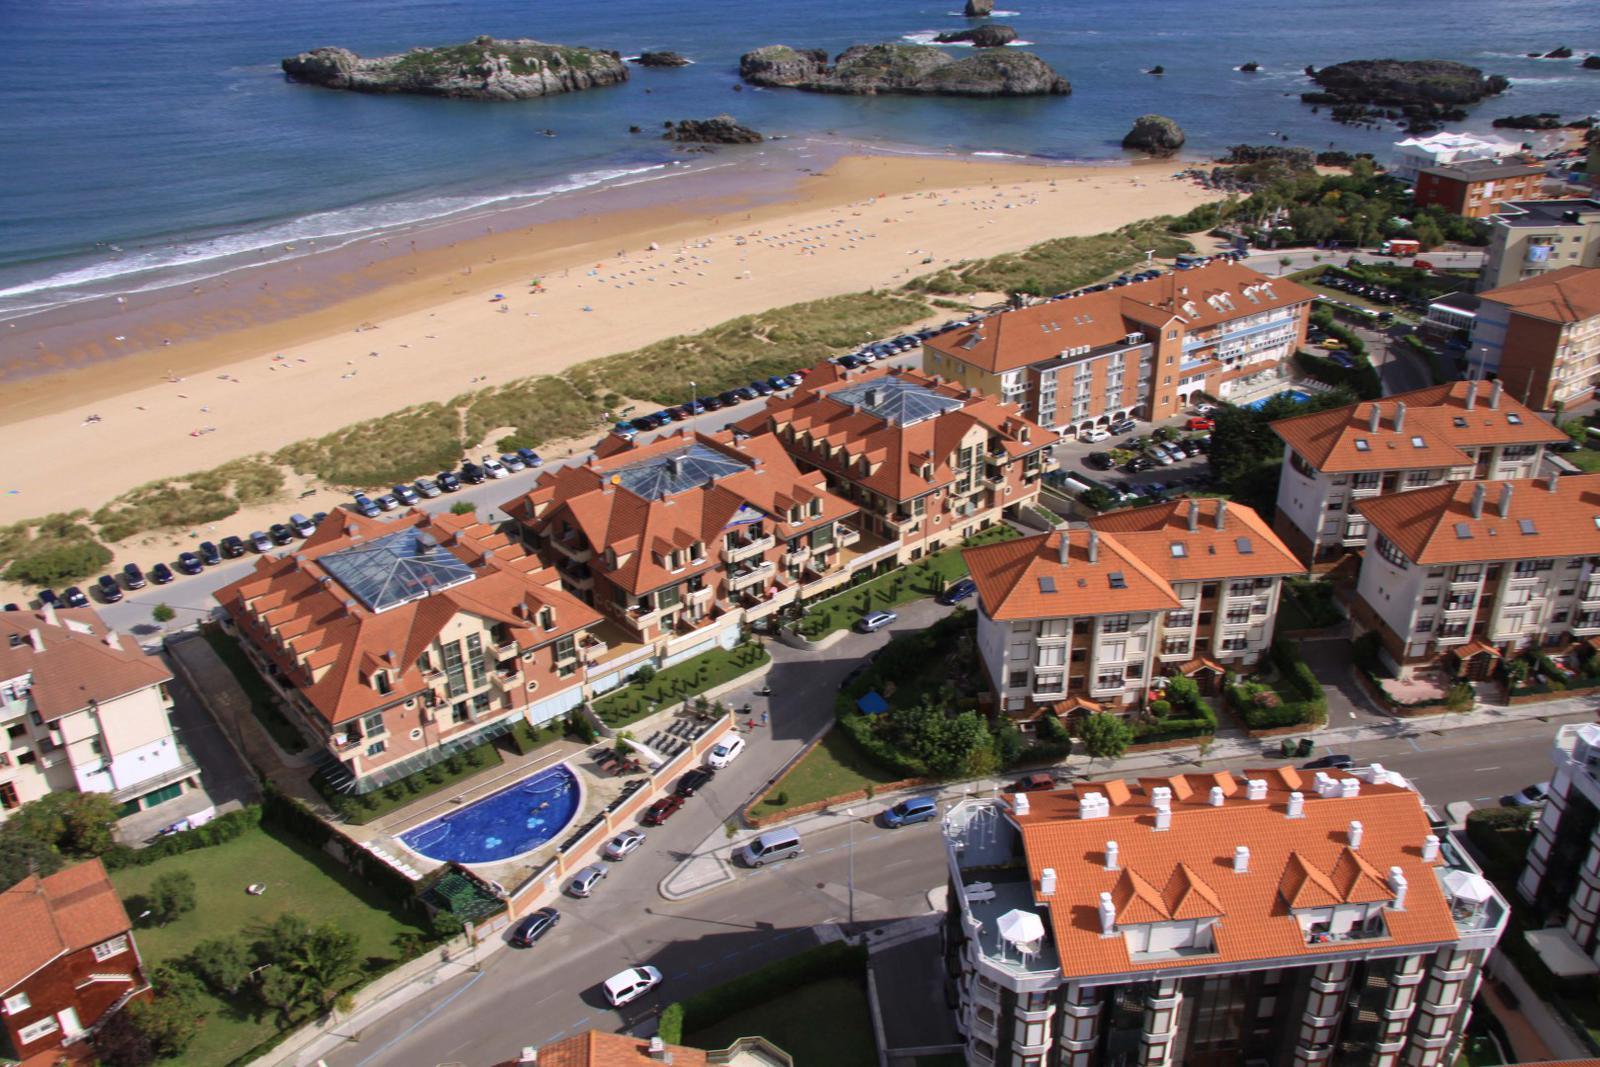 hoteles de playa maritimo ris